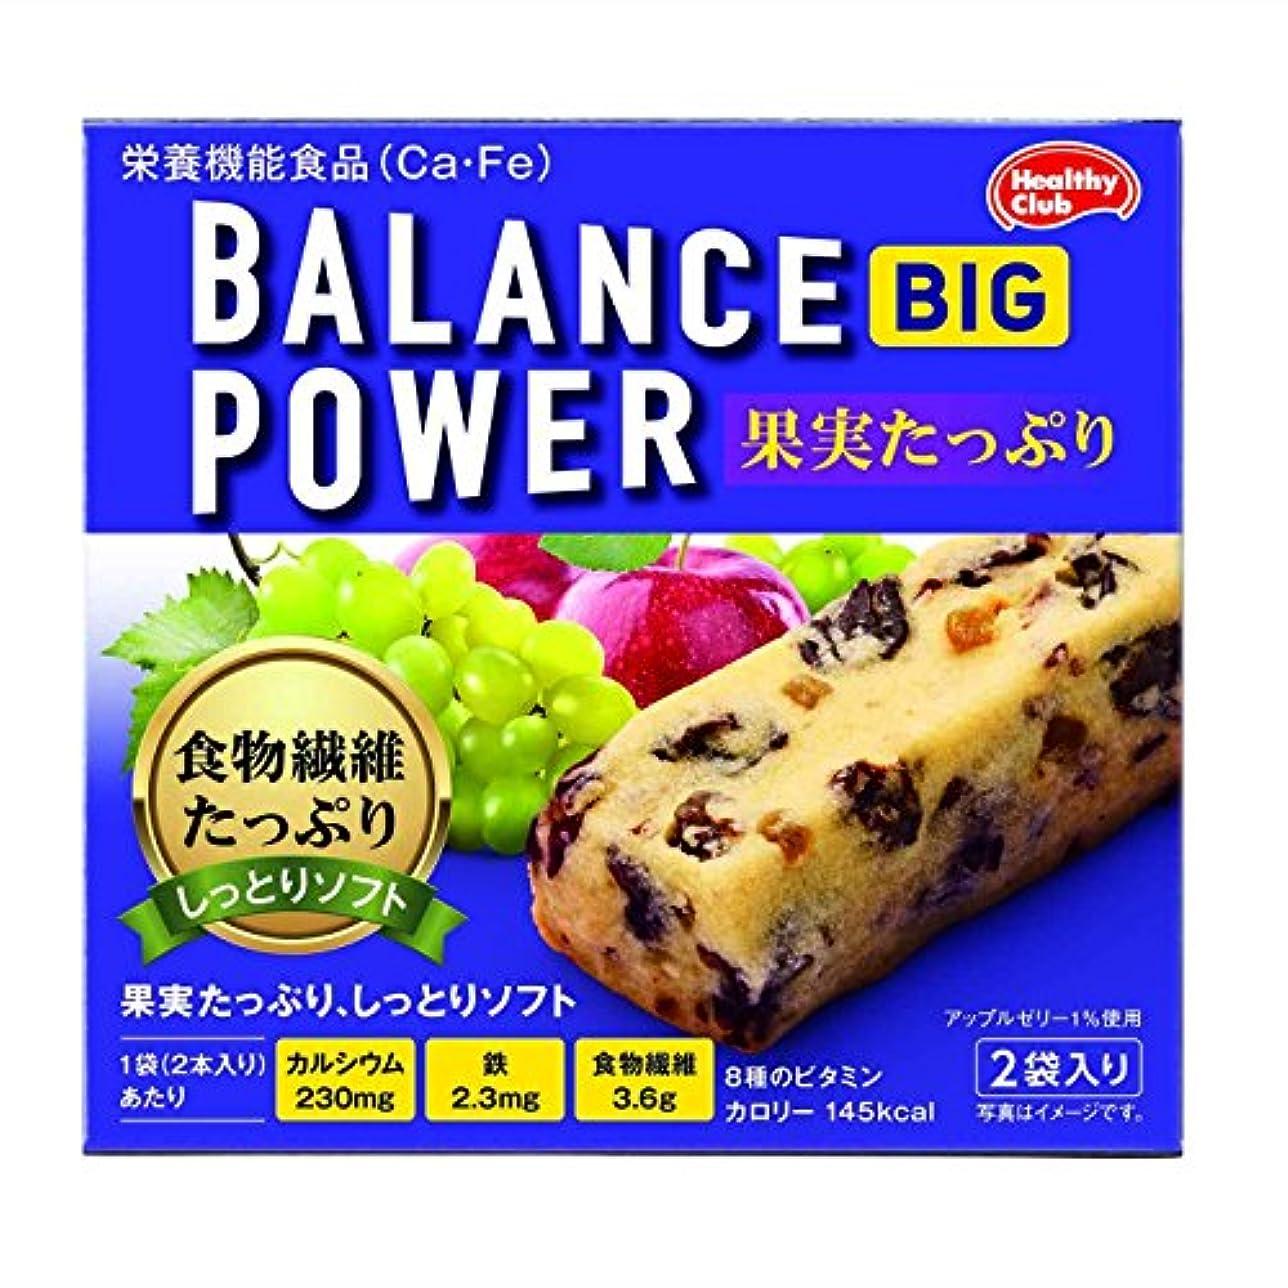 オーナー安価な和ハマダコンフェクト バランスパワービッグ 果実たっぷり 2袋【4個セット】